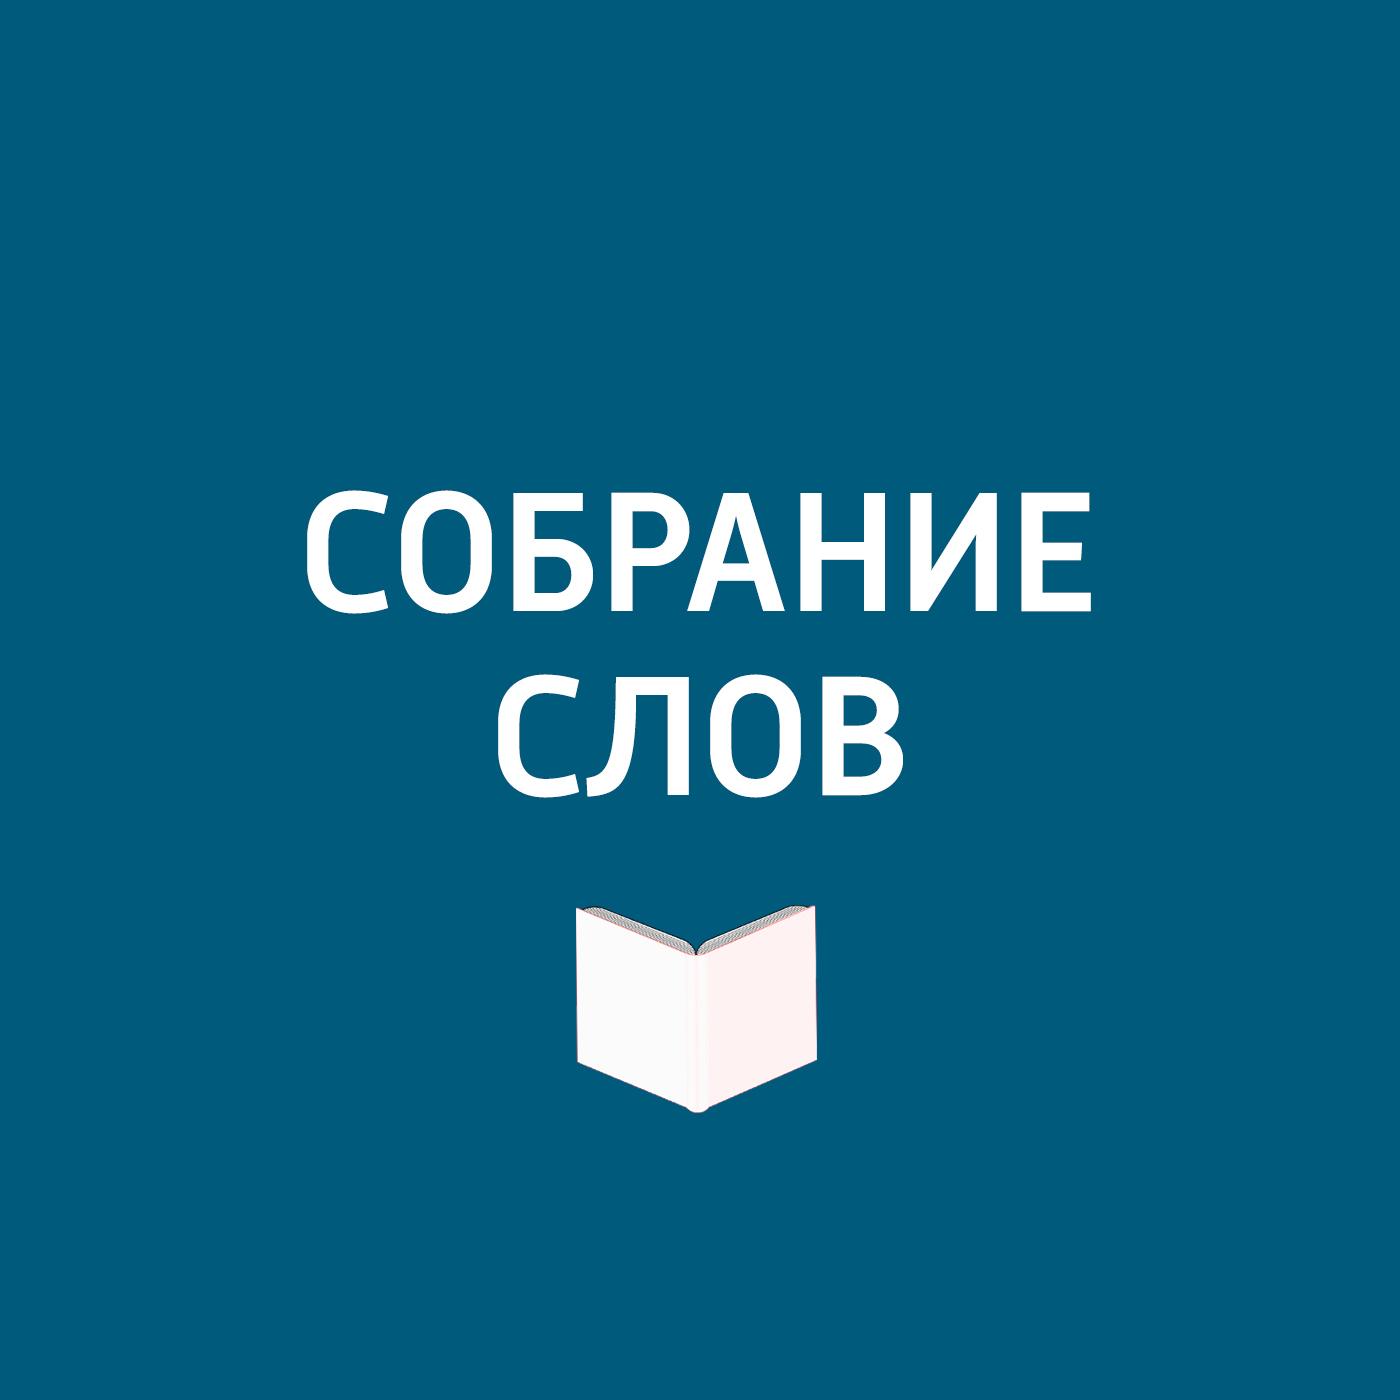 Творческий коллектив программы «Собрание слов» О выставке «Оттепель в Третьяковской галерее для презентации на выставке